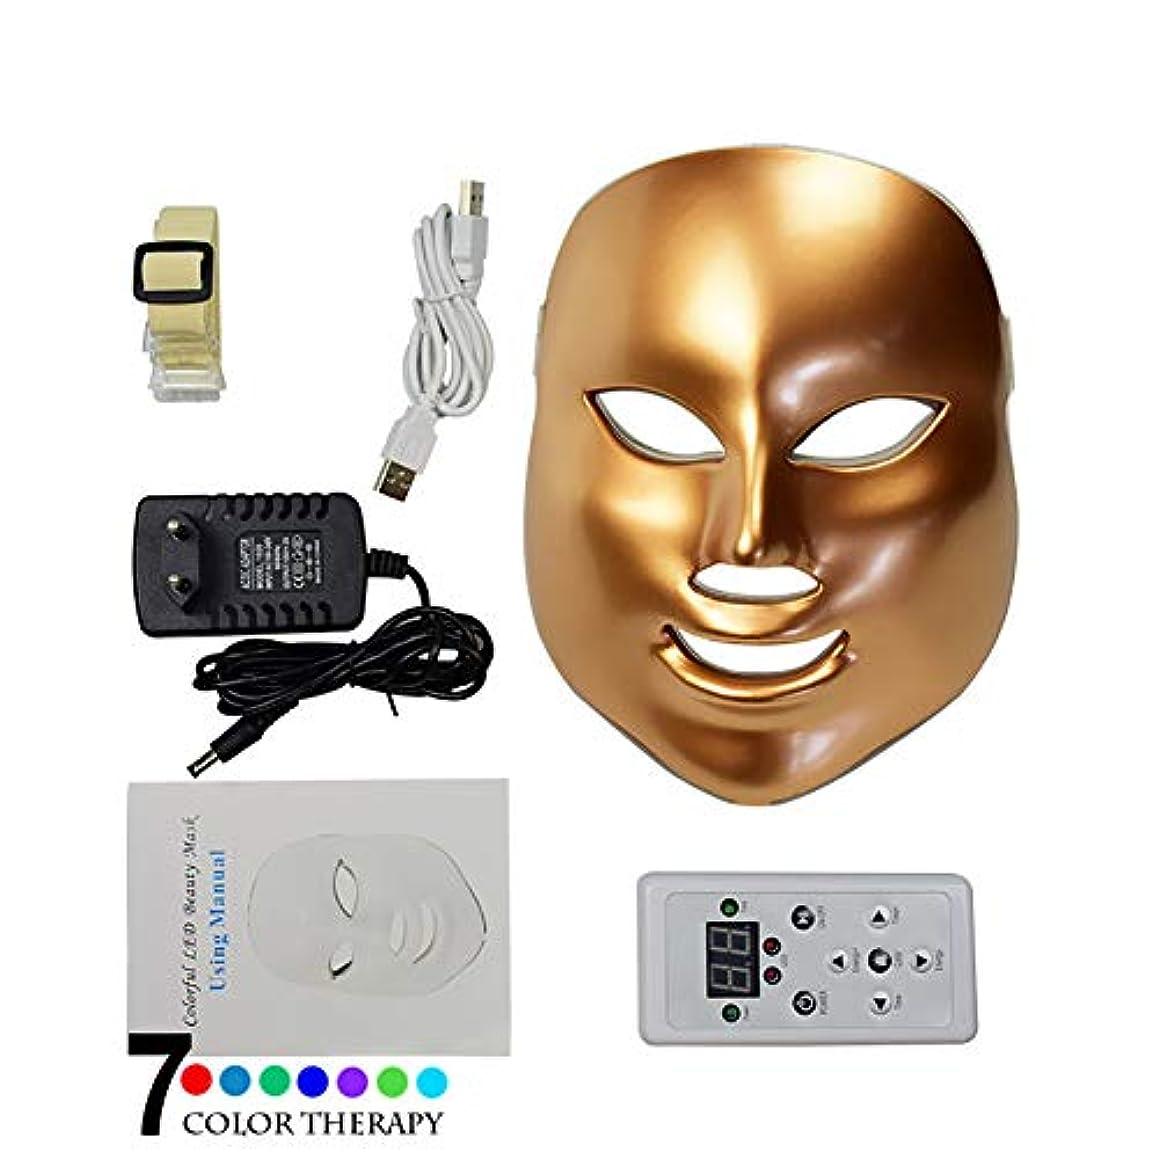 利用可能予測ビバ7色LEDフェイスマスク、7色LEDスキン光線療法器具、健康的な肌の若返りのためのレッドライトセラピー、アンチエイジング、しわ、瘢痕化,Gold